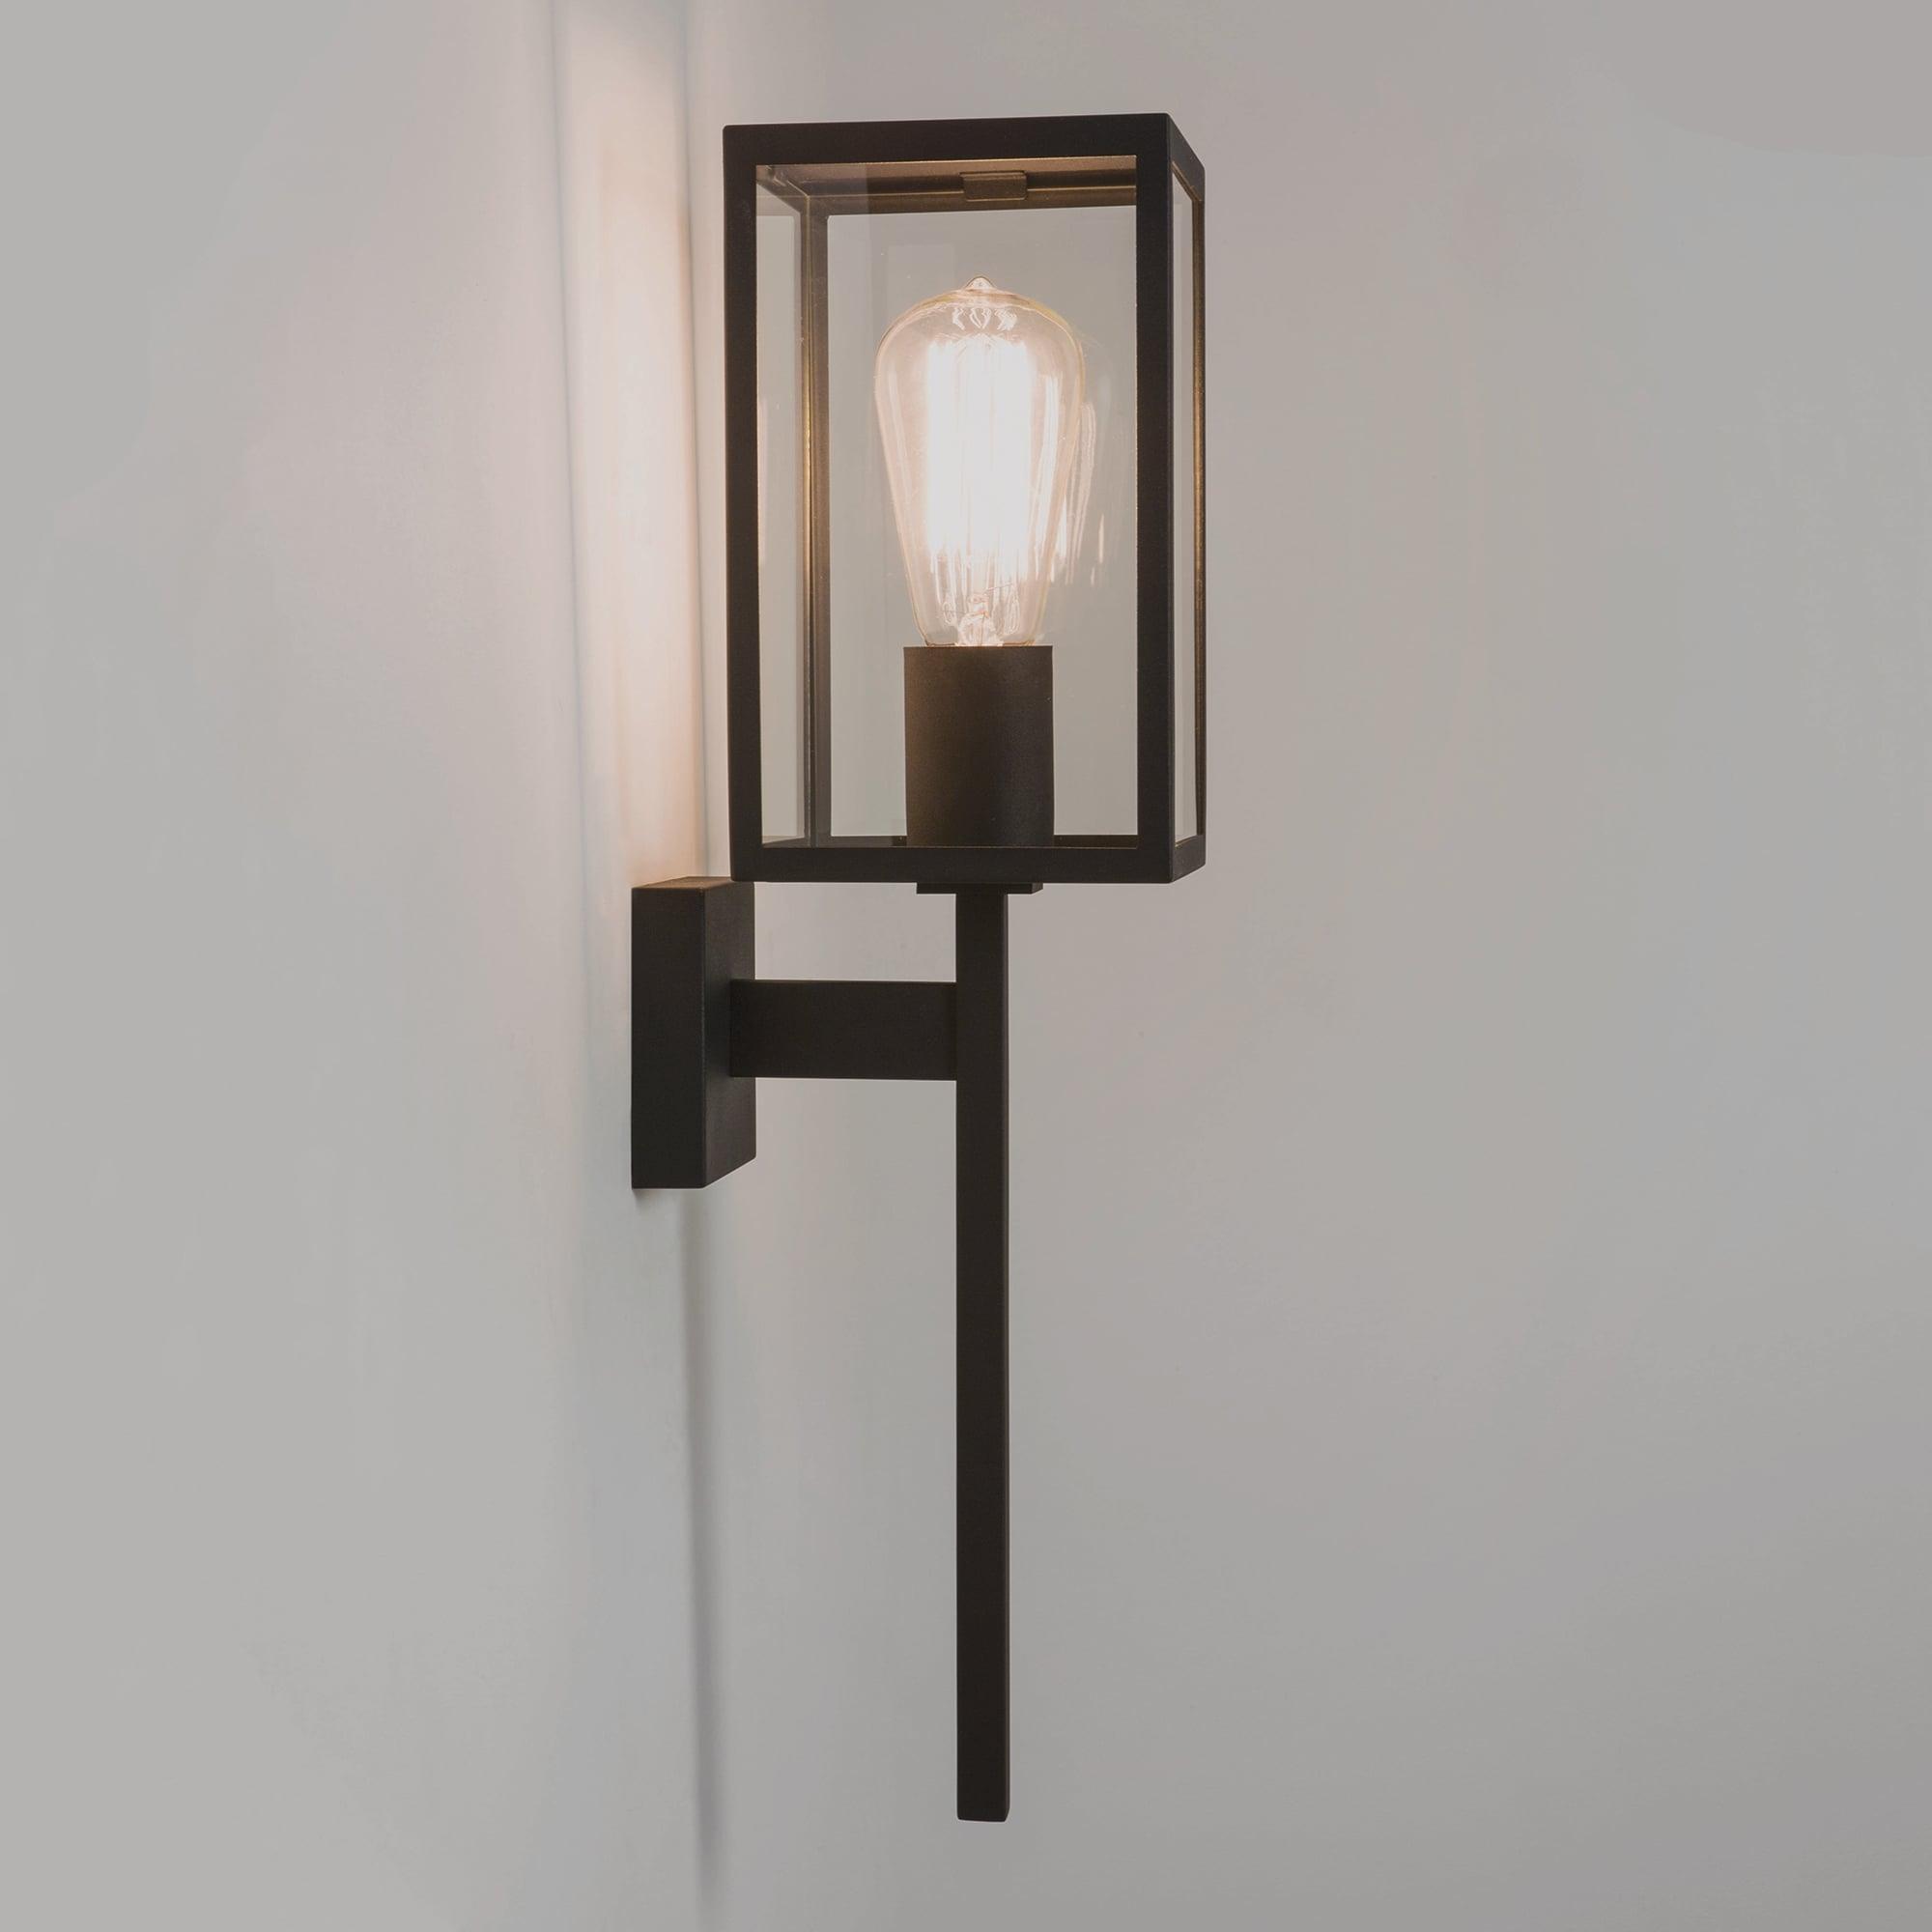 1369001 Lanterne murale simple lumineuse pour entraîneur, fini noir